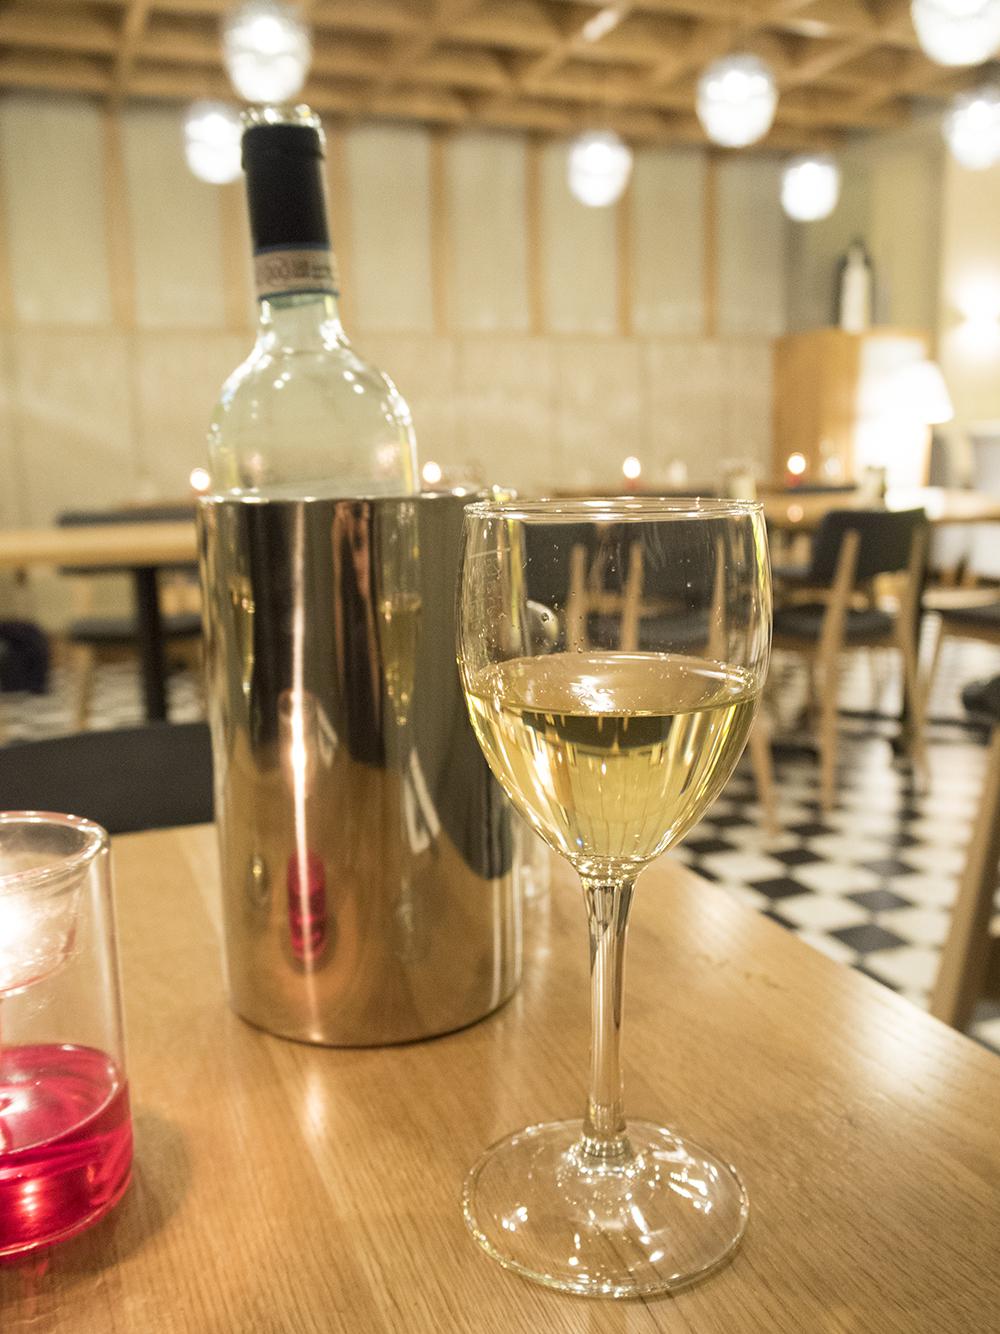 white-wine-prezzo-deansgate